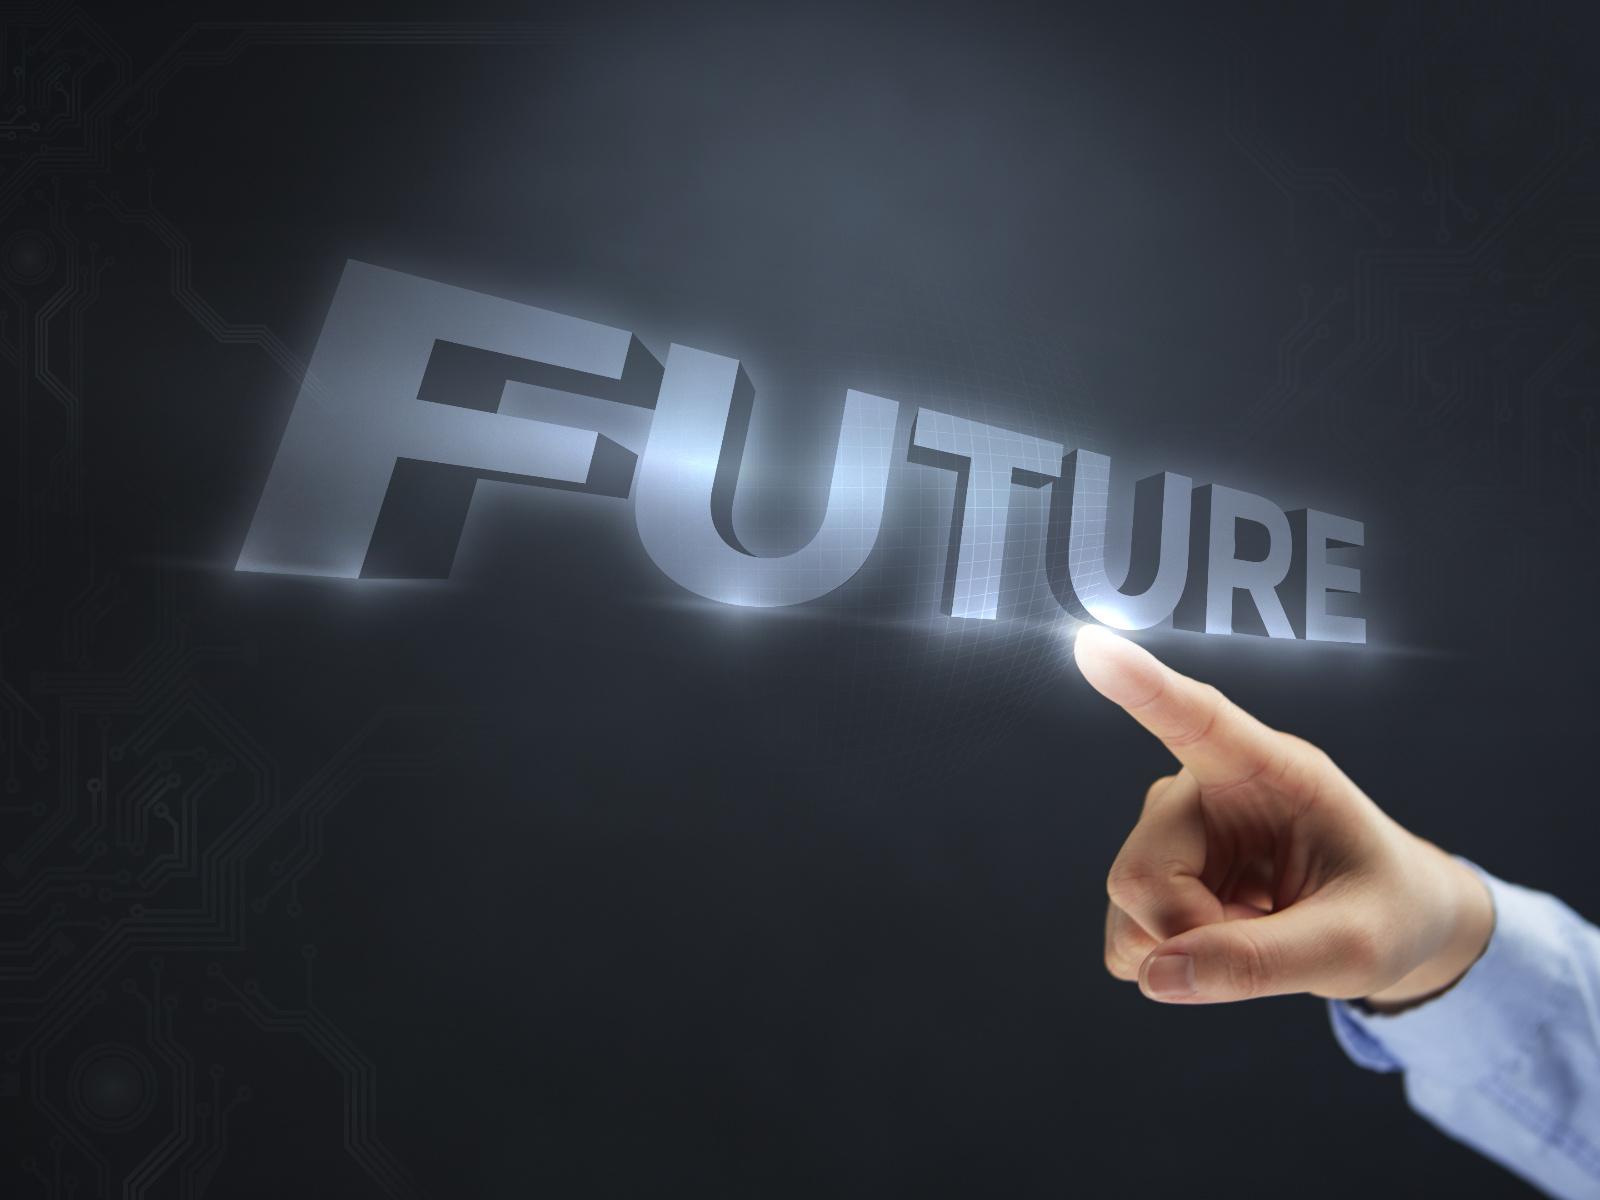 第148話|次に、「どうなりそうか(未来)」を考える